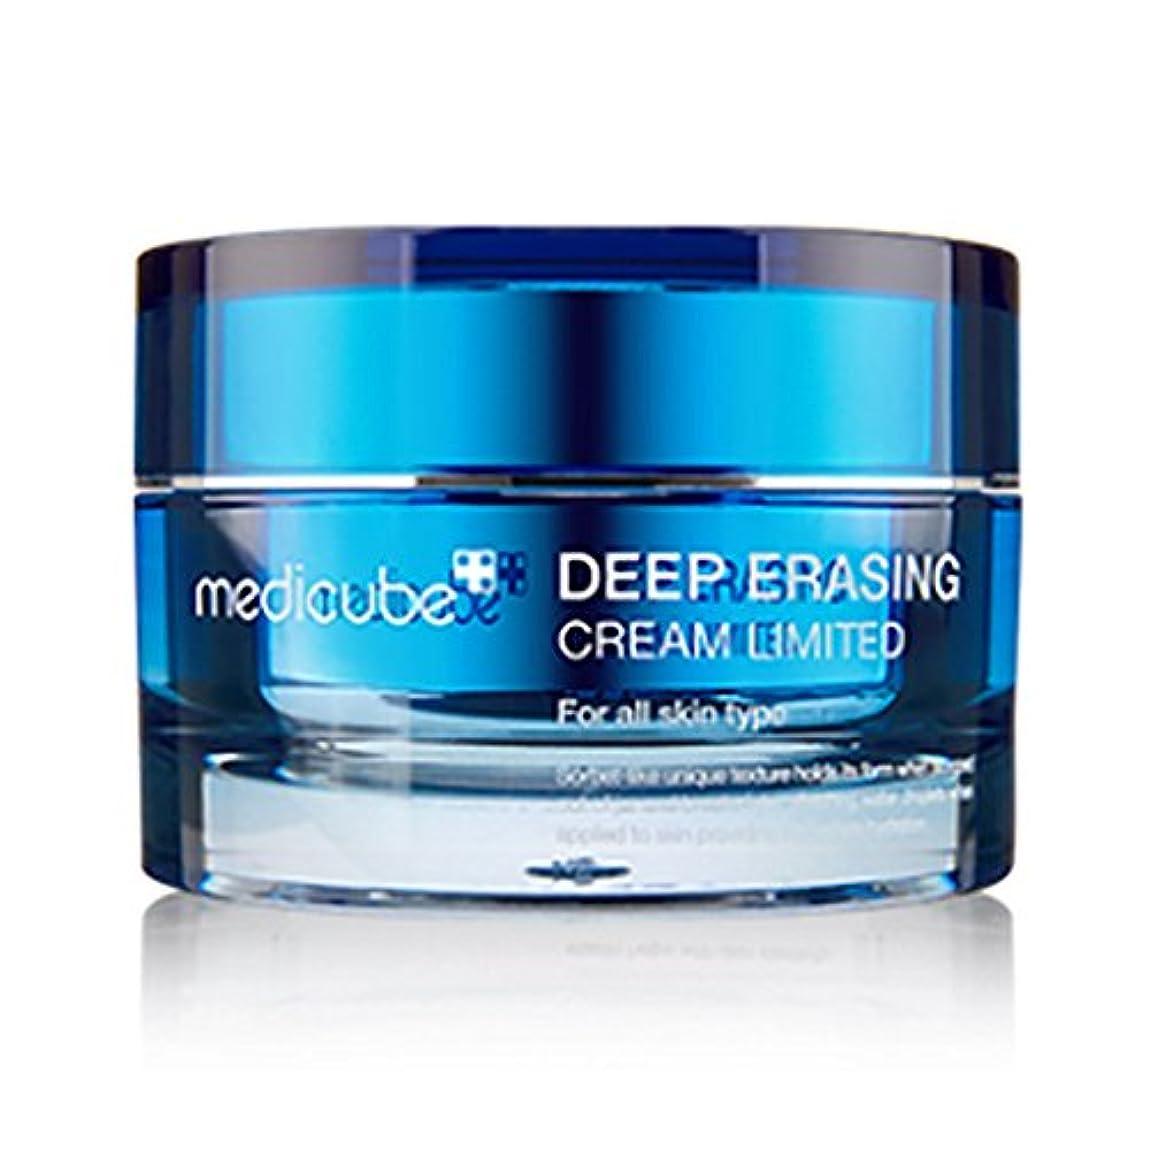 船パプアニューギニア現金[メディキューブ]Medicube メディキューブ ディープイレイジングクリームリミテッド 50ml 海外直商品 Summer Limited Blue Deep Erasing Cream 50ml [並行輸入品]